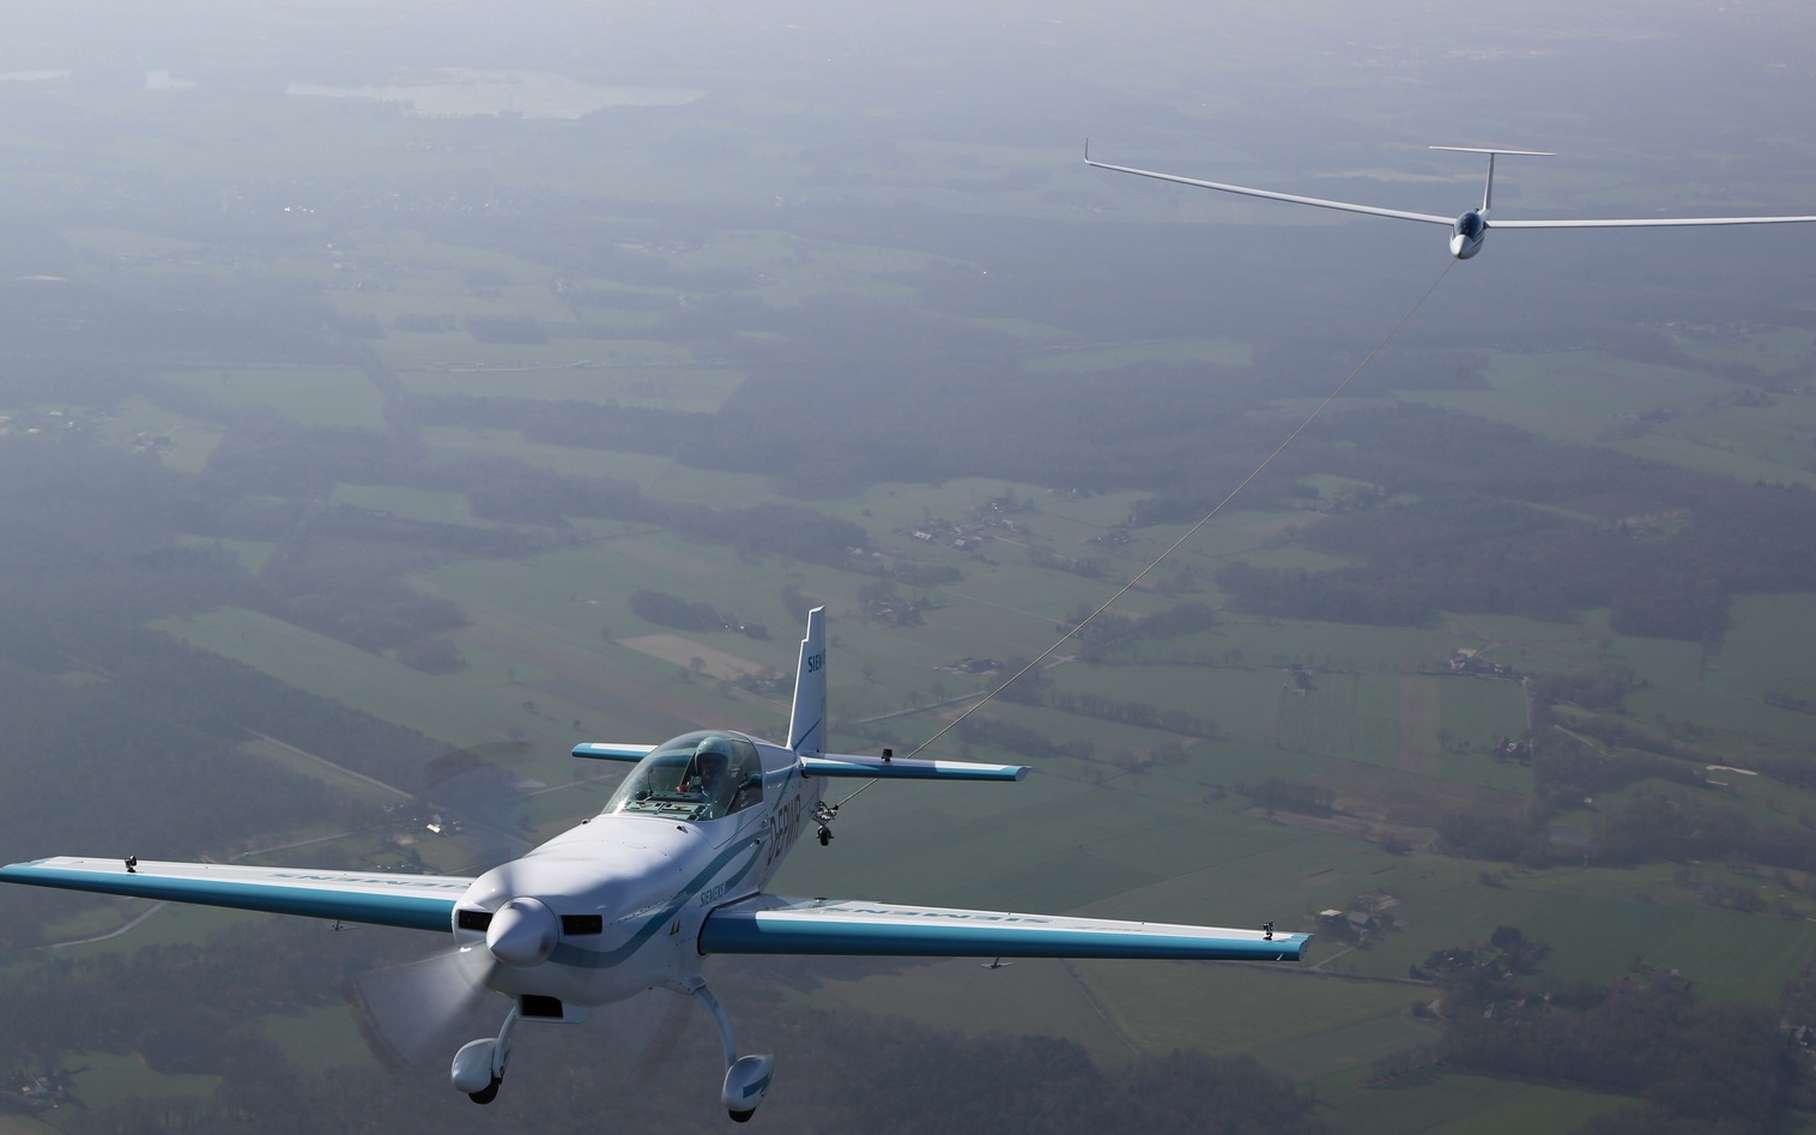 Voici l'avion électrique Extra 330 LE équipé du moteur électrique Siemens en train de tracter un planeur. Une première pour ce type d'appareil. © Jean-Marie Urlacher, Siemens